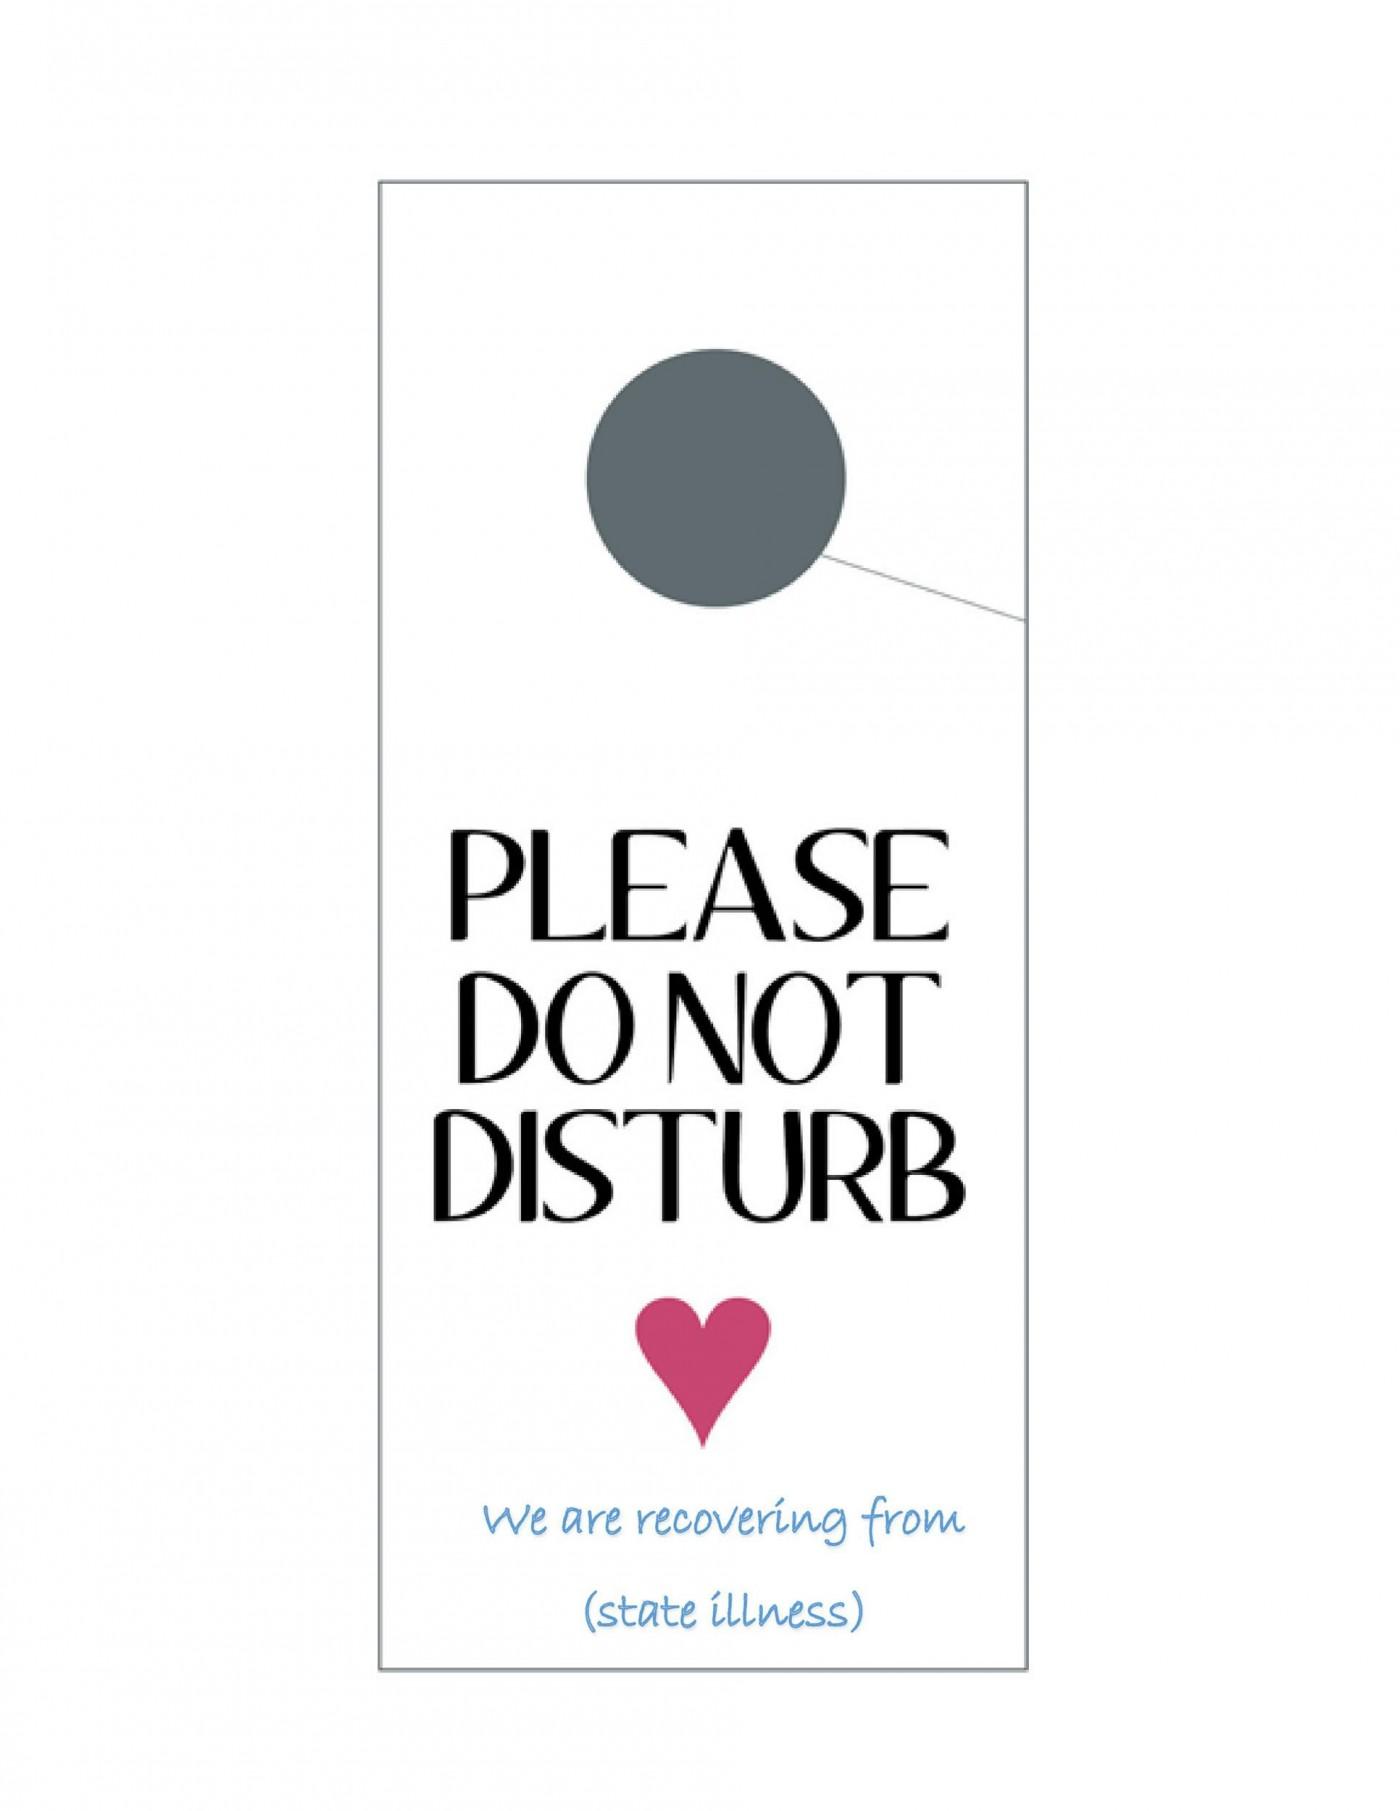 004 Striking Free Download Door Hanger Template Highest Quality 1400